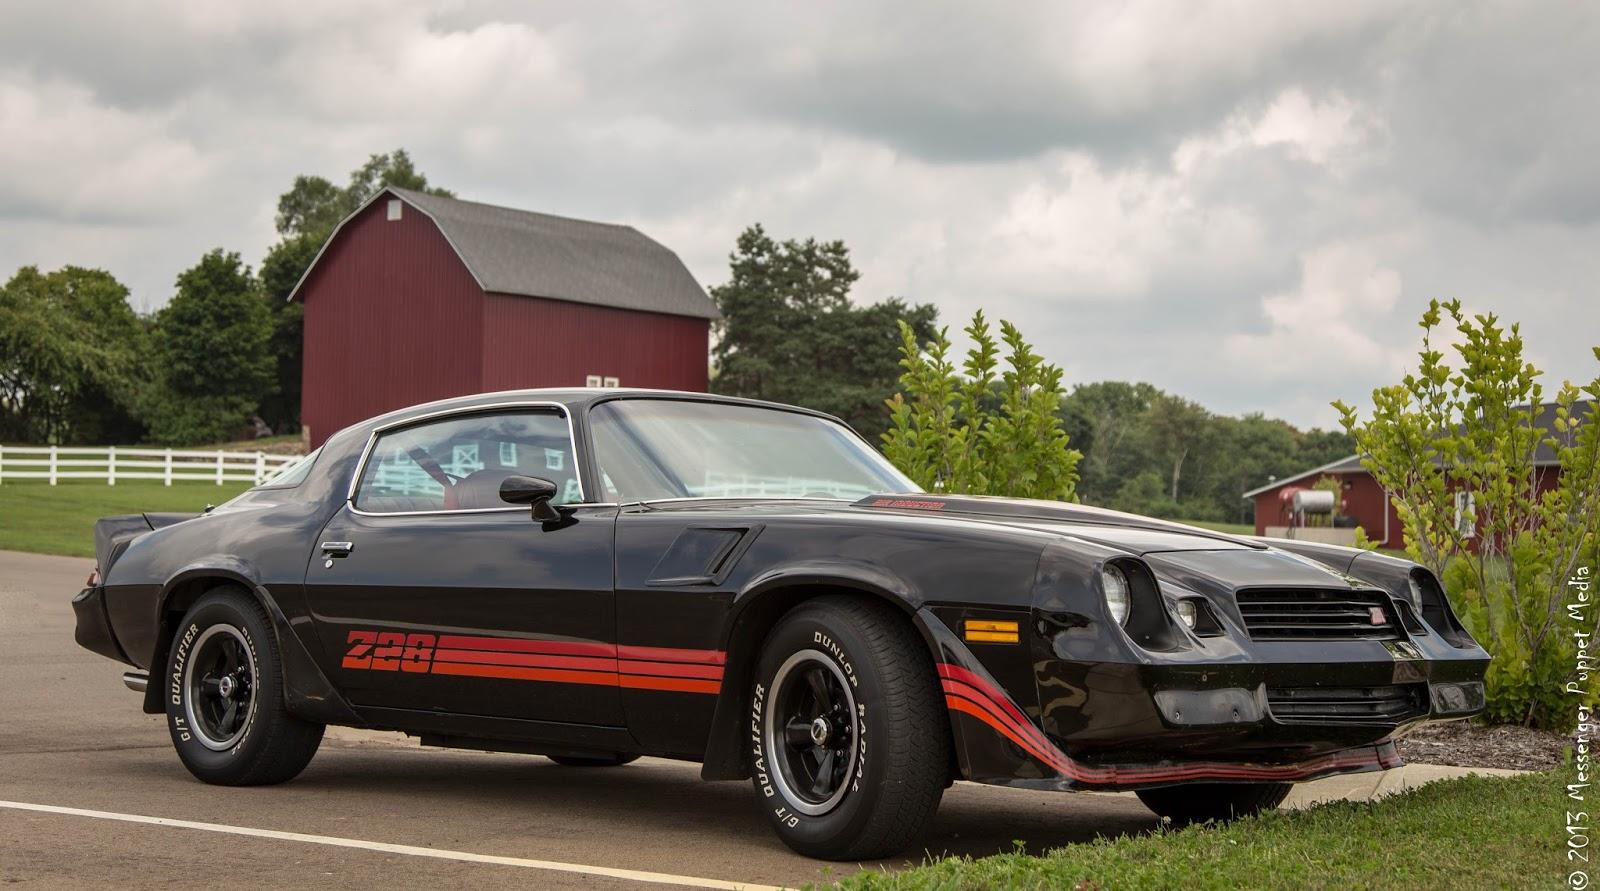 1981 Chevrolet Camaro Z-28